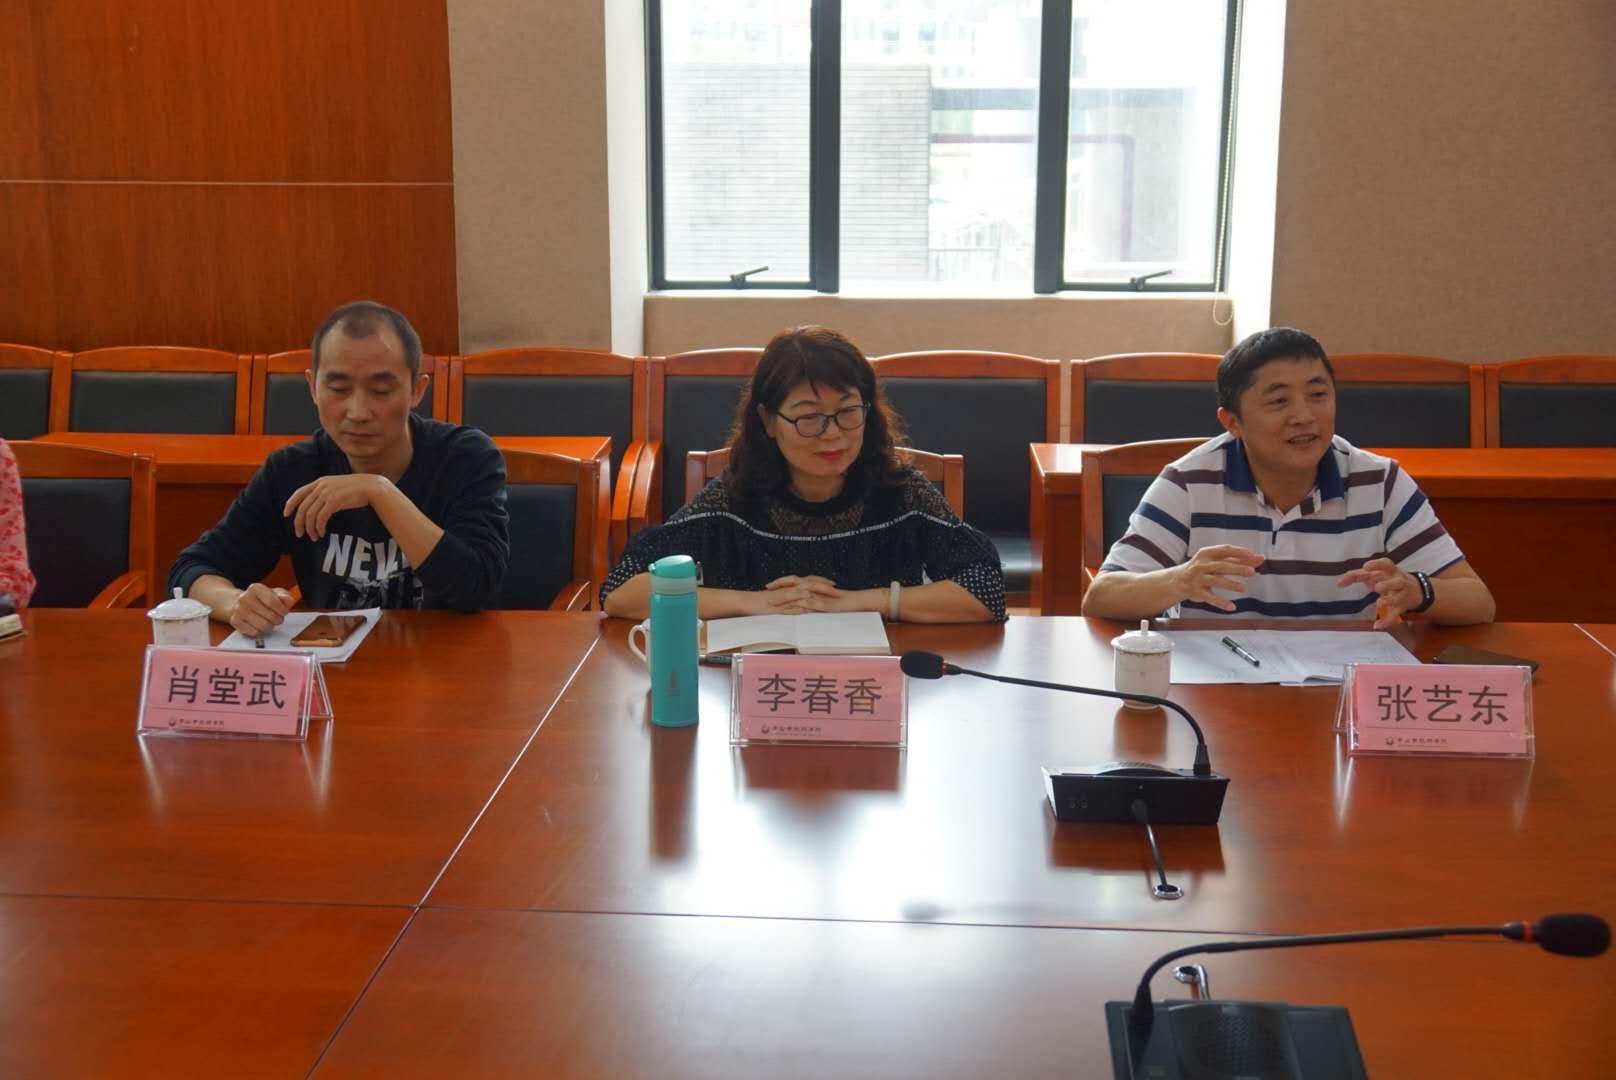 深圳技师学院与我院语文科组研讨会3.jpg